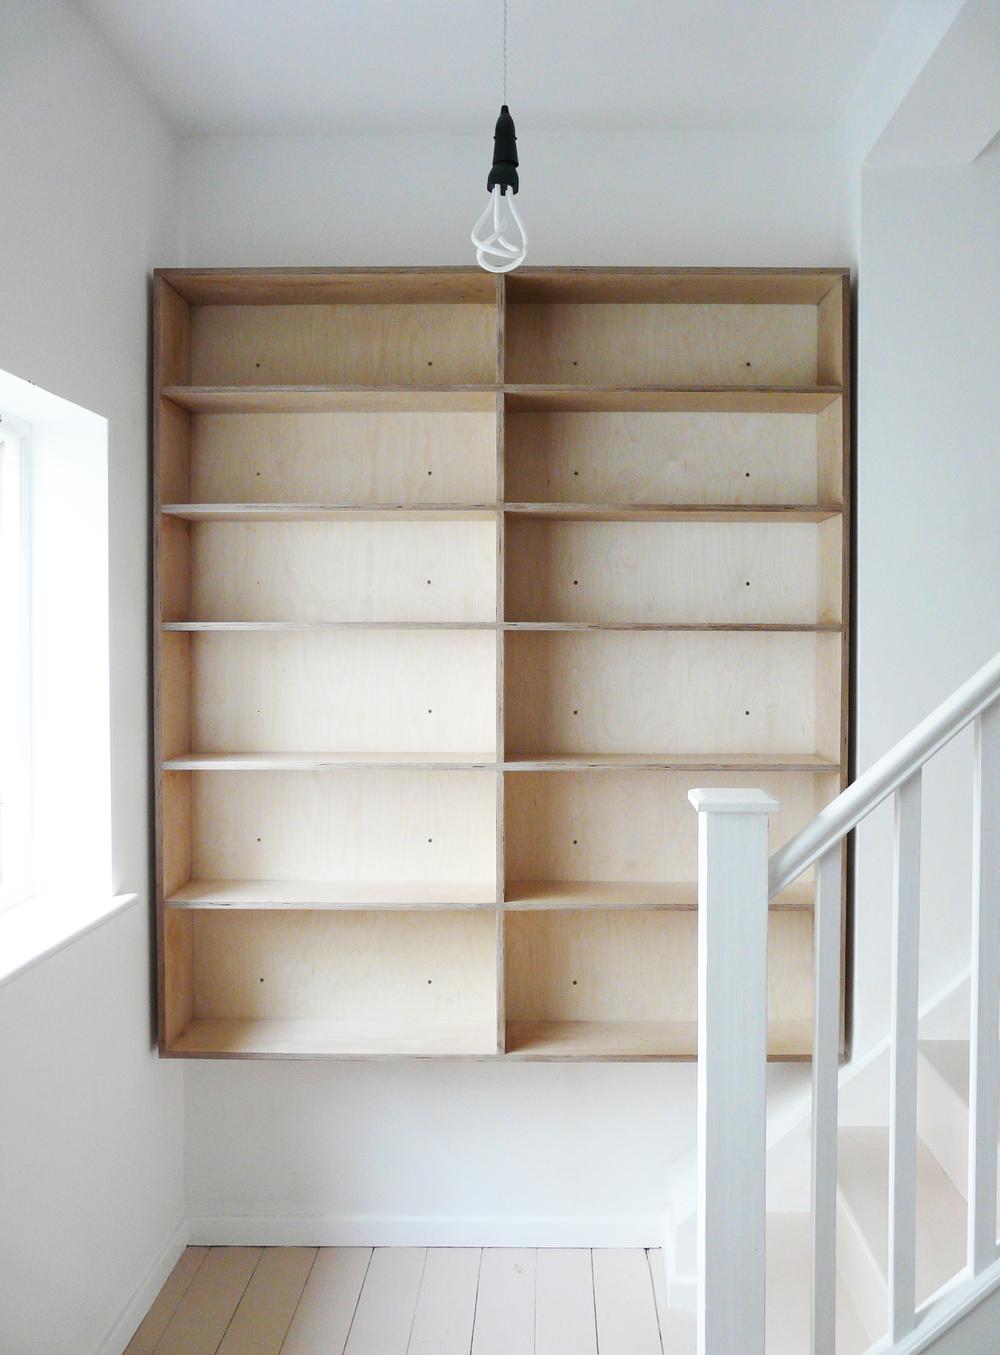 caroline alcove bookshelf.jpg